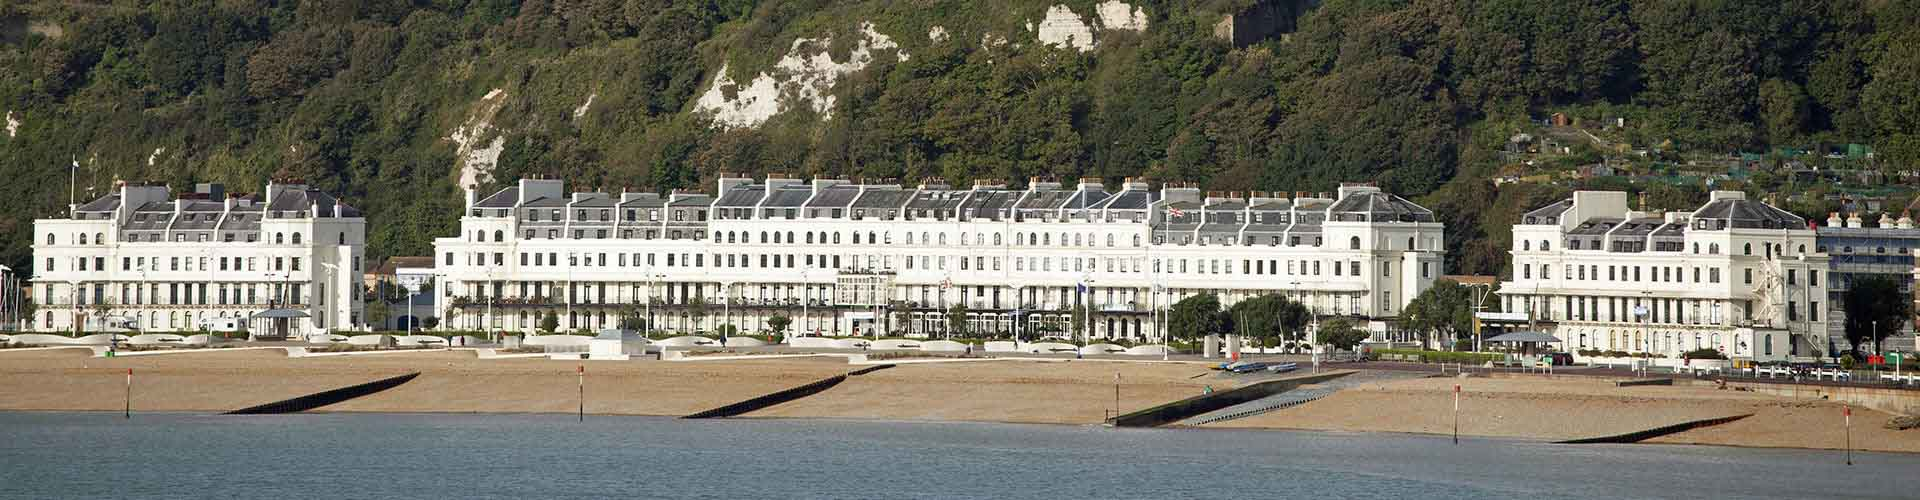 Dover - Schroniska Młodzieżowe w mieście Dover, Mapy dla miasta Dover, Zdjęcia i Recenzje dla każdego Schroniska Młodzieżowego w mieście Dover.